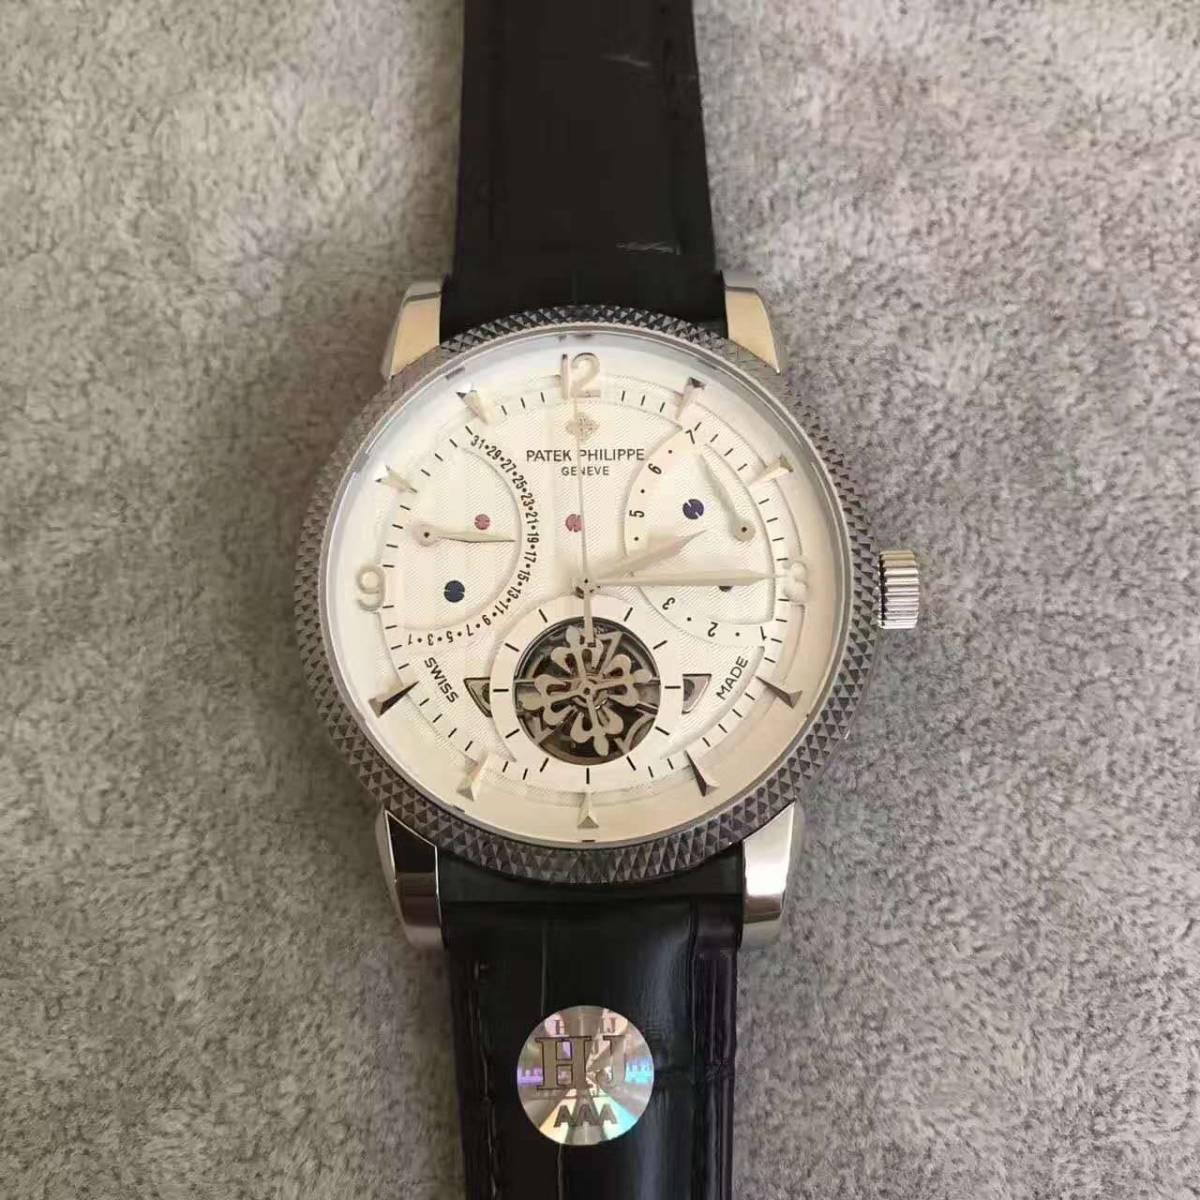 新品 パテックフィリップ 自動巻き時計 大人気 腕時計 オートマティック メンズ